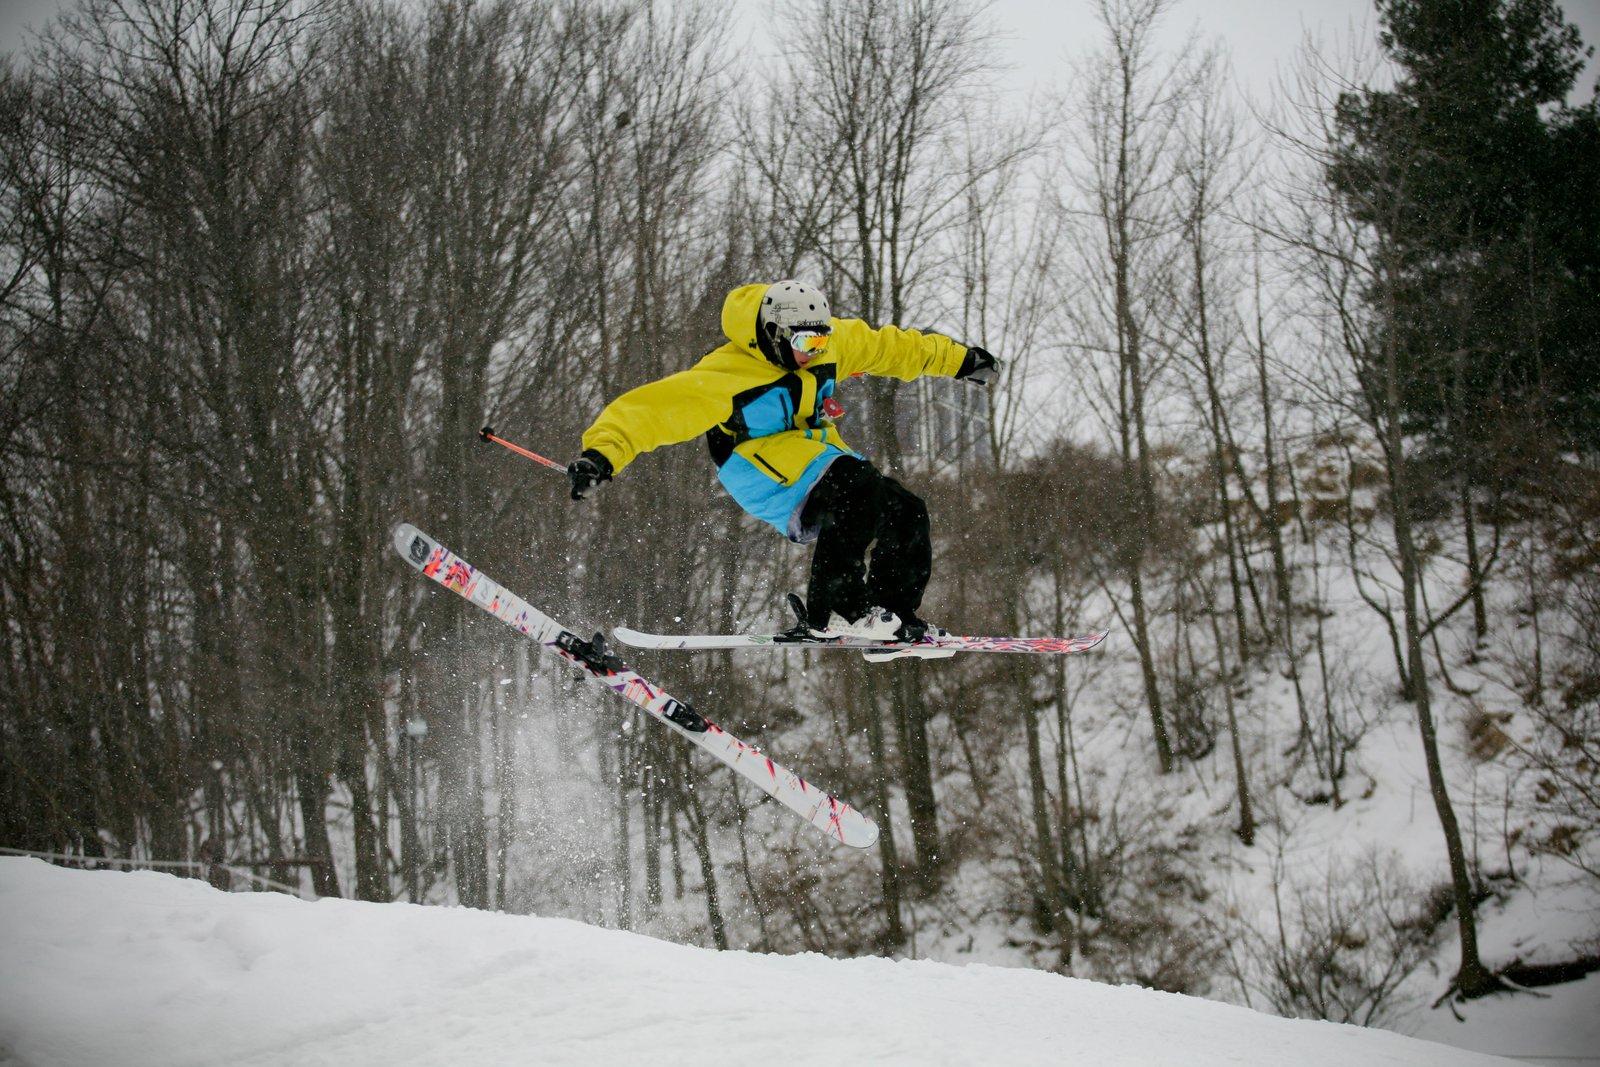 Losing a ski